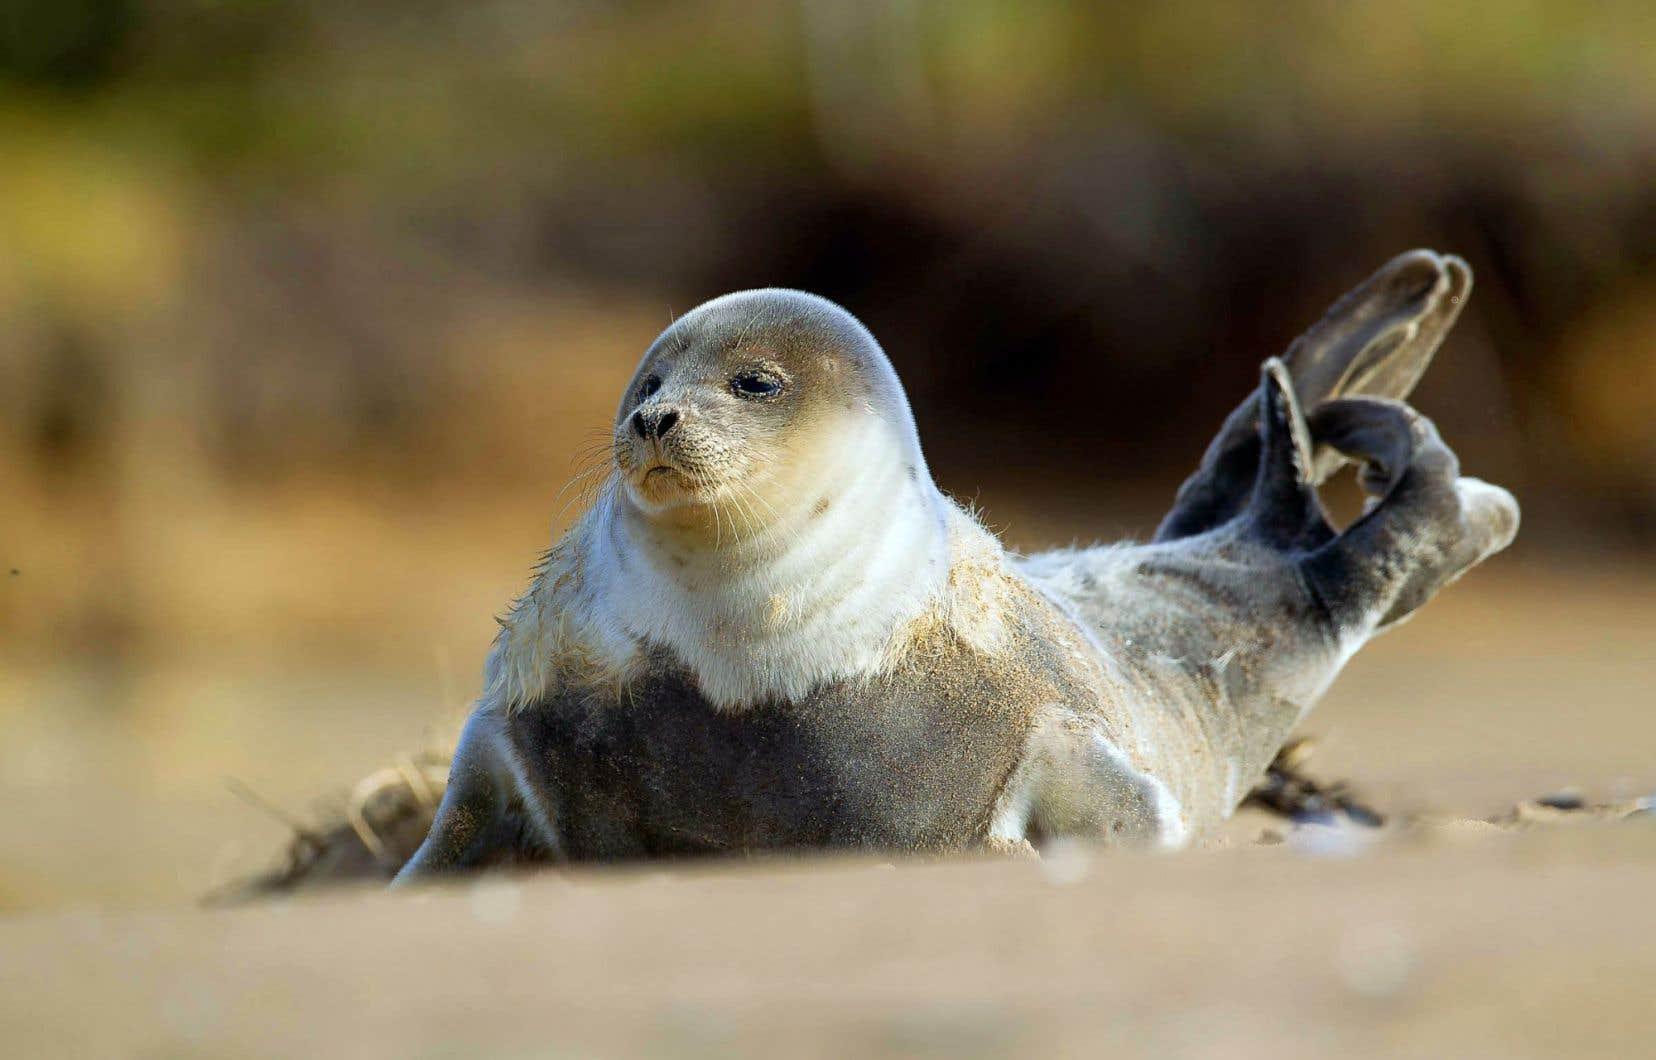 Les jeunes phoques communs naissent sur les rives du Saint-Laurent dans des secteurs bien souvent fréquentés ou habités, ce qui augmente les chances qu'ils soient dérangés ou harcelés. Et cela peut menacer leur survie.